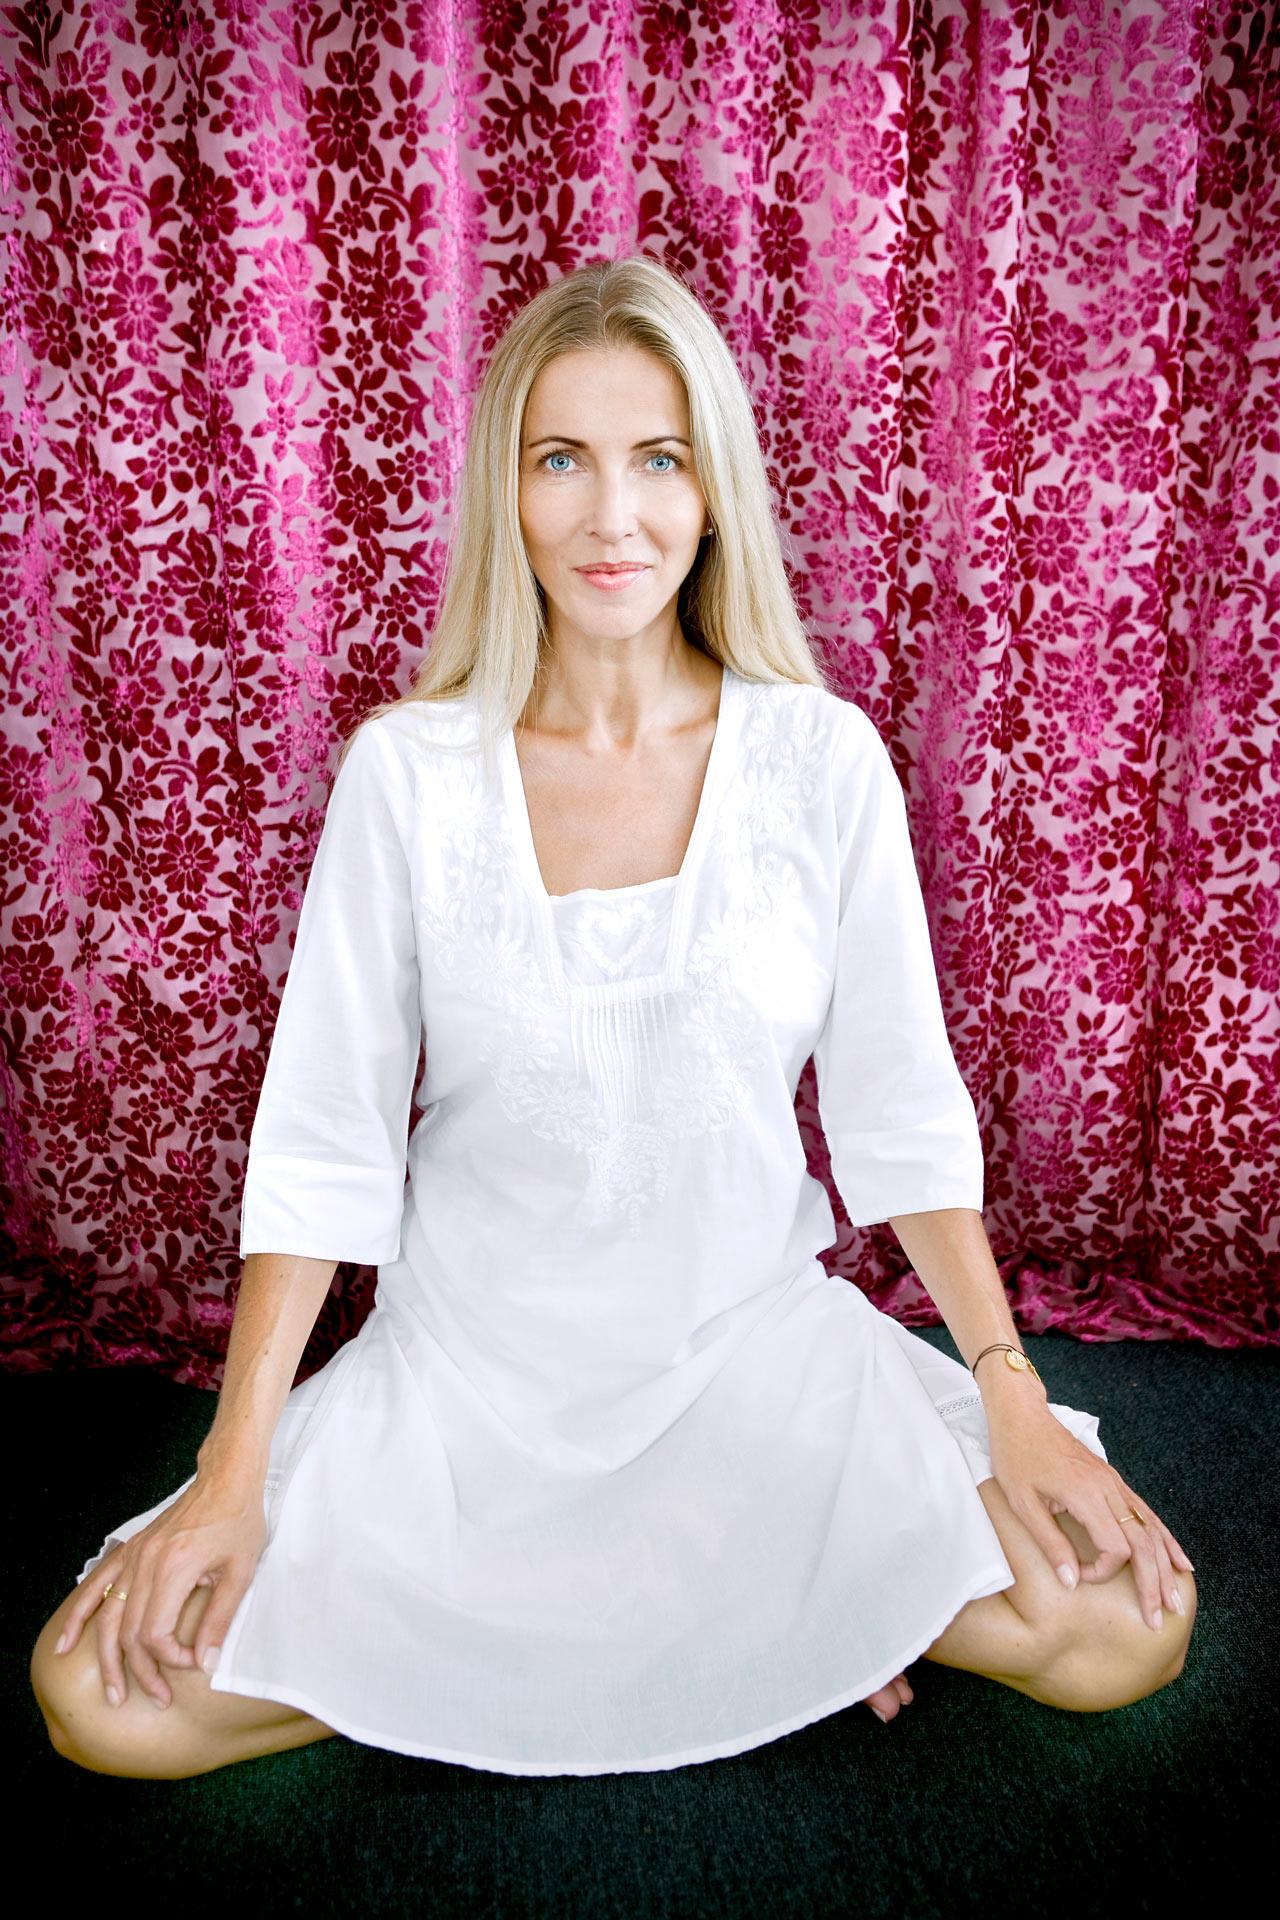 Henriette, Zobel, model, skilt, konkurs, yoga, Portrætfotograf, København